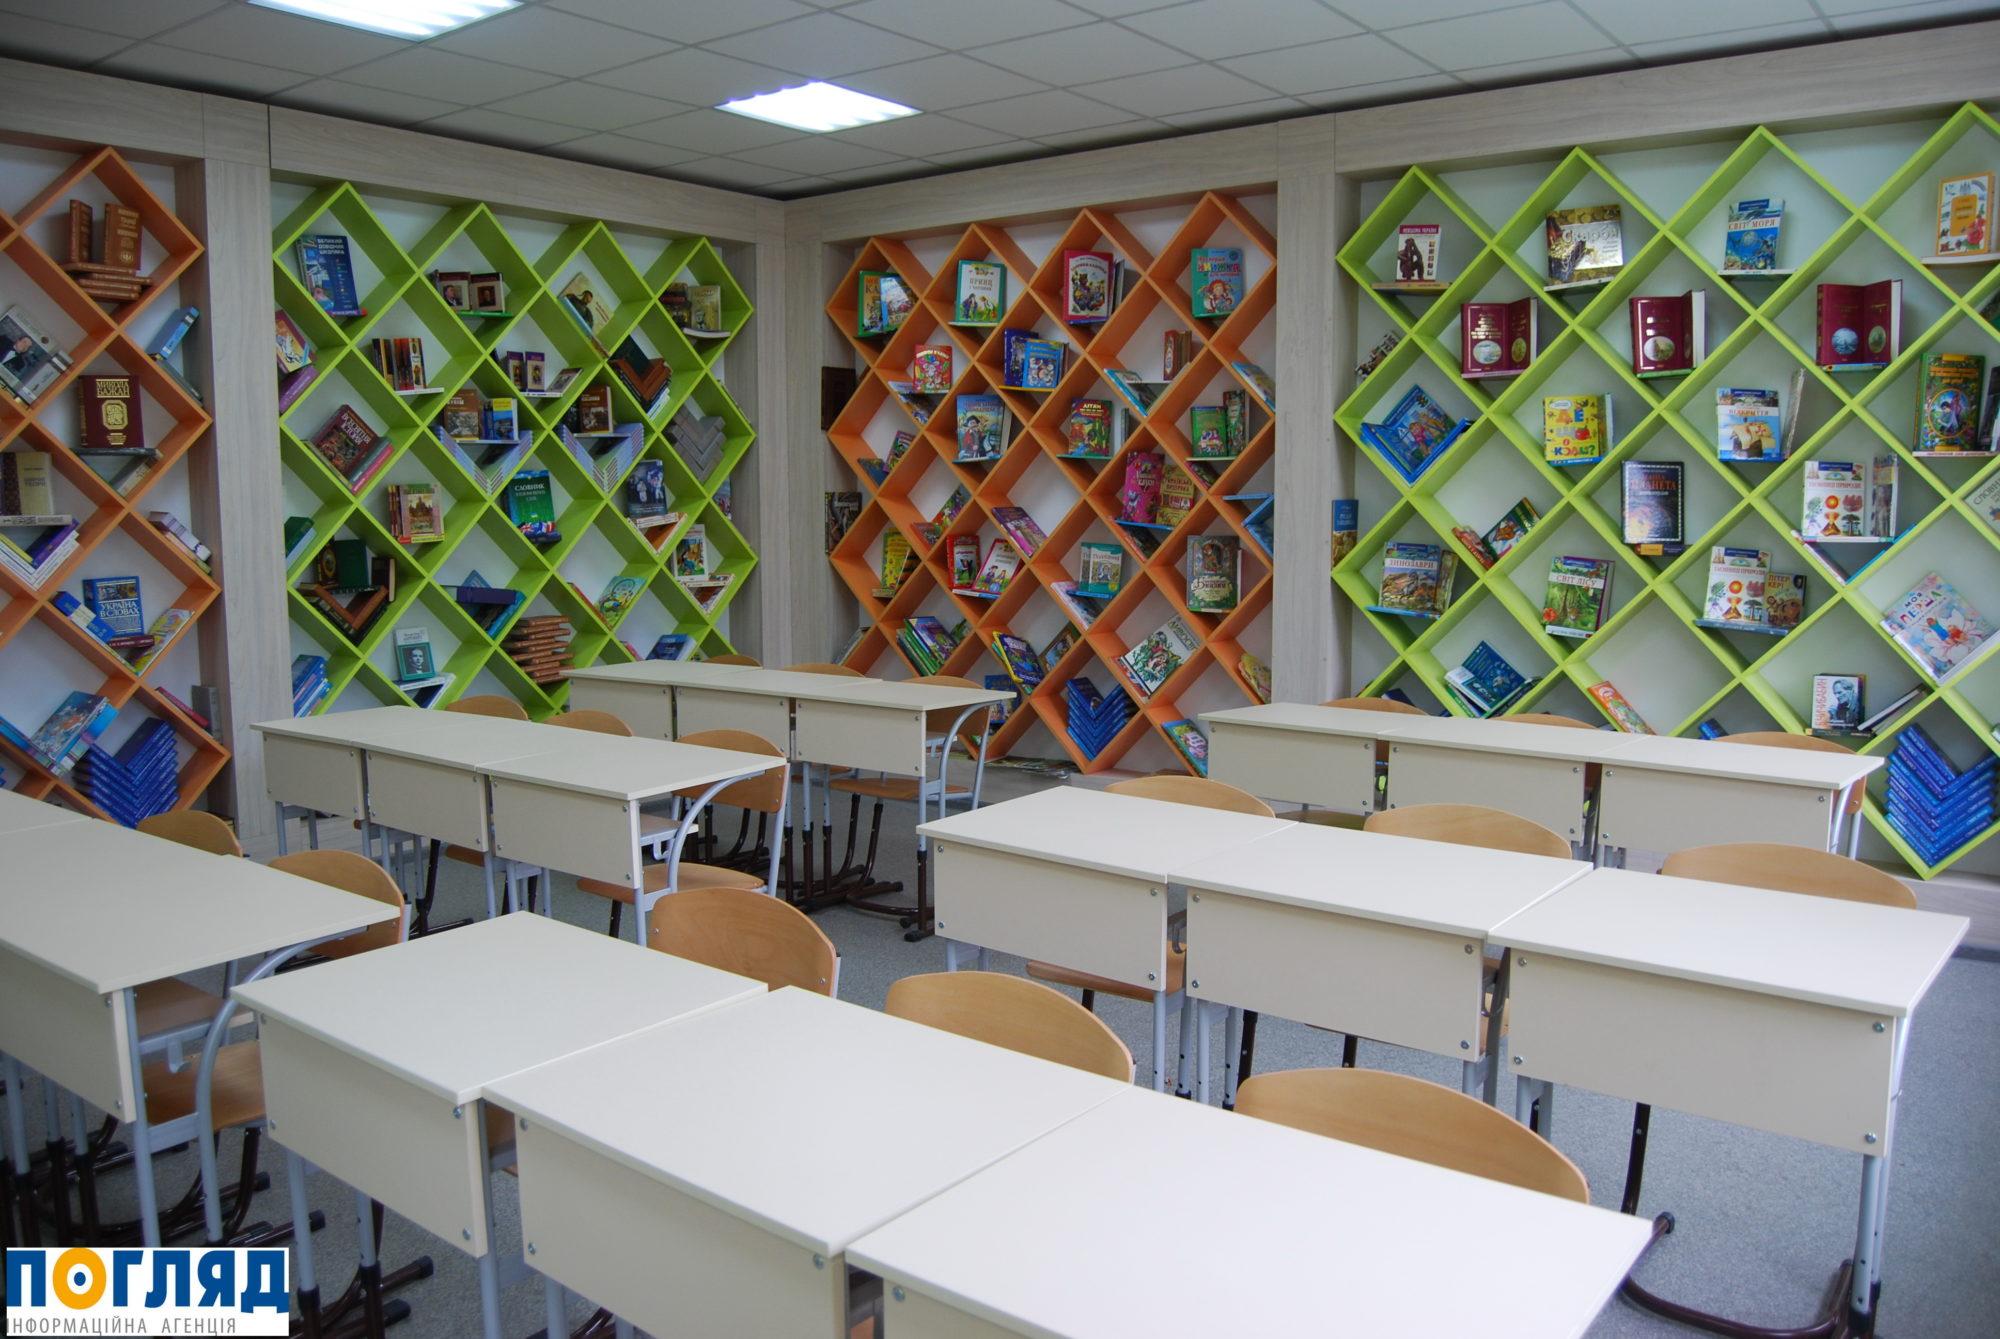 000DSC_2063-2000x1339 Усе для дітей: Калинівський НВК №1 змінюється на очах